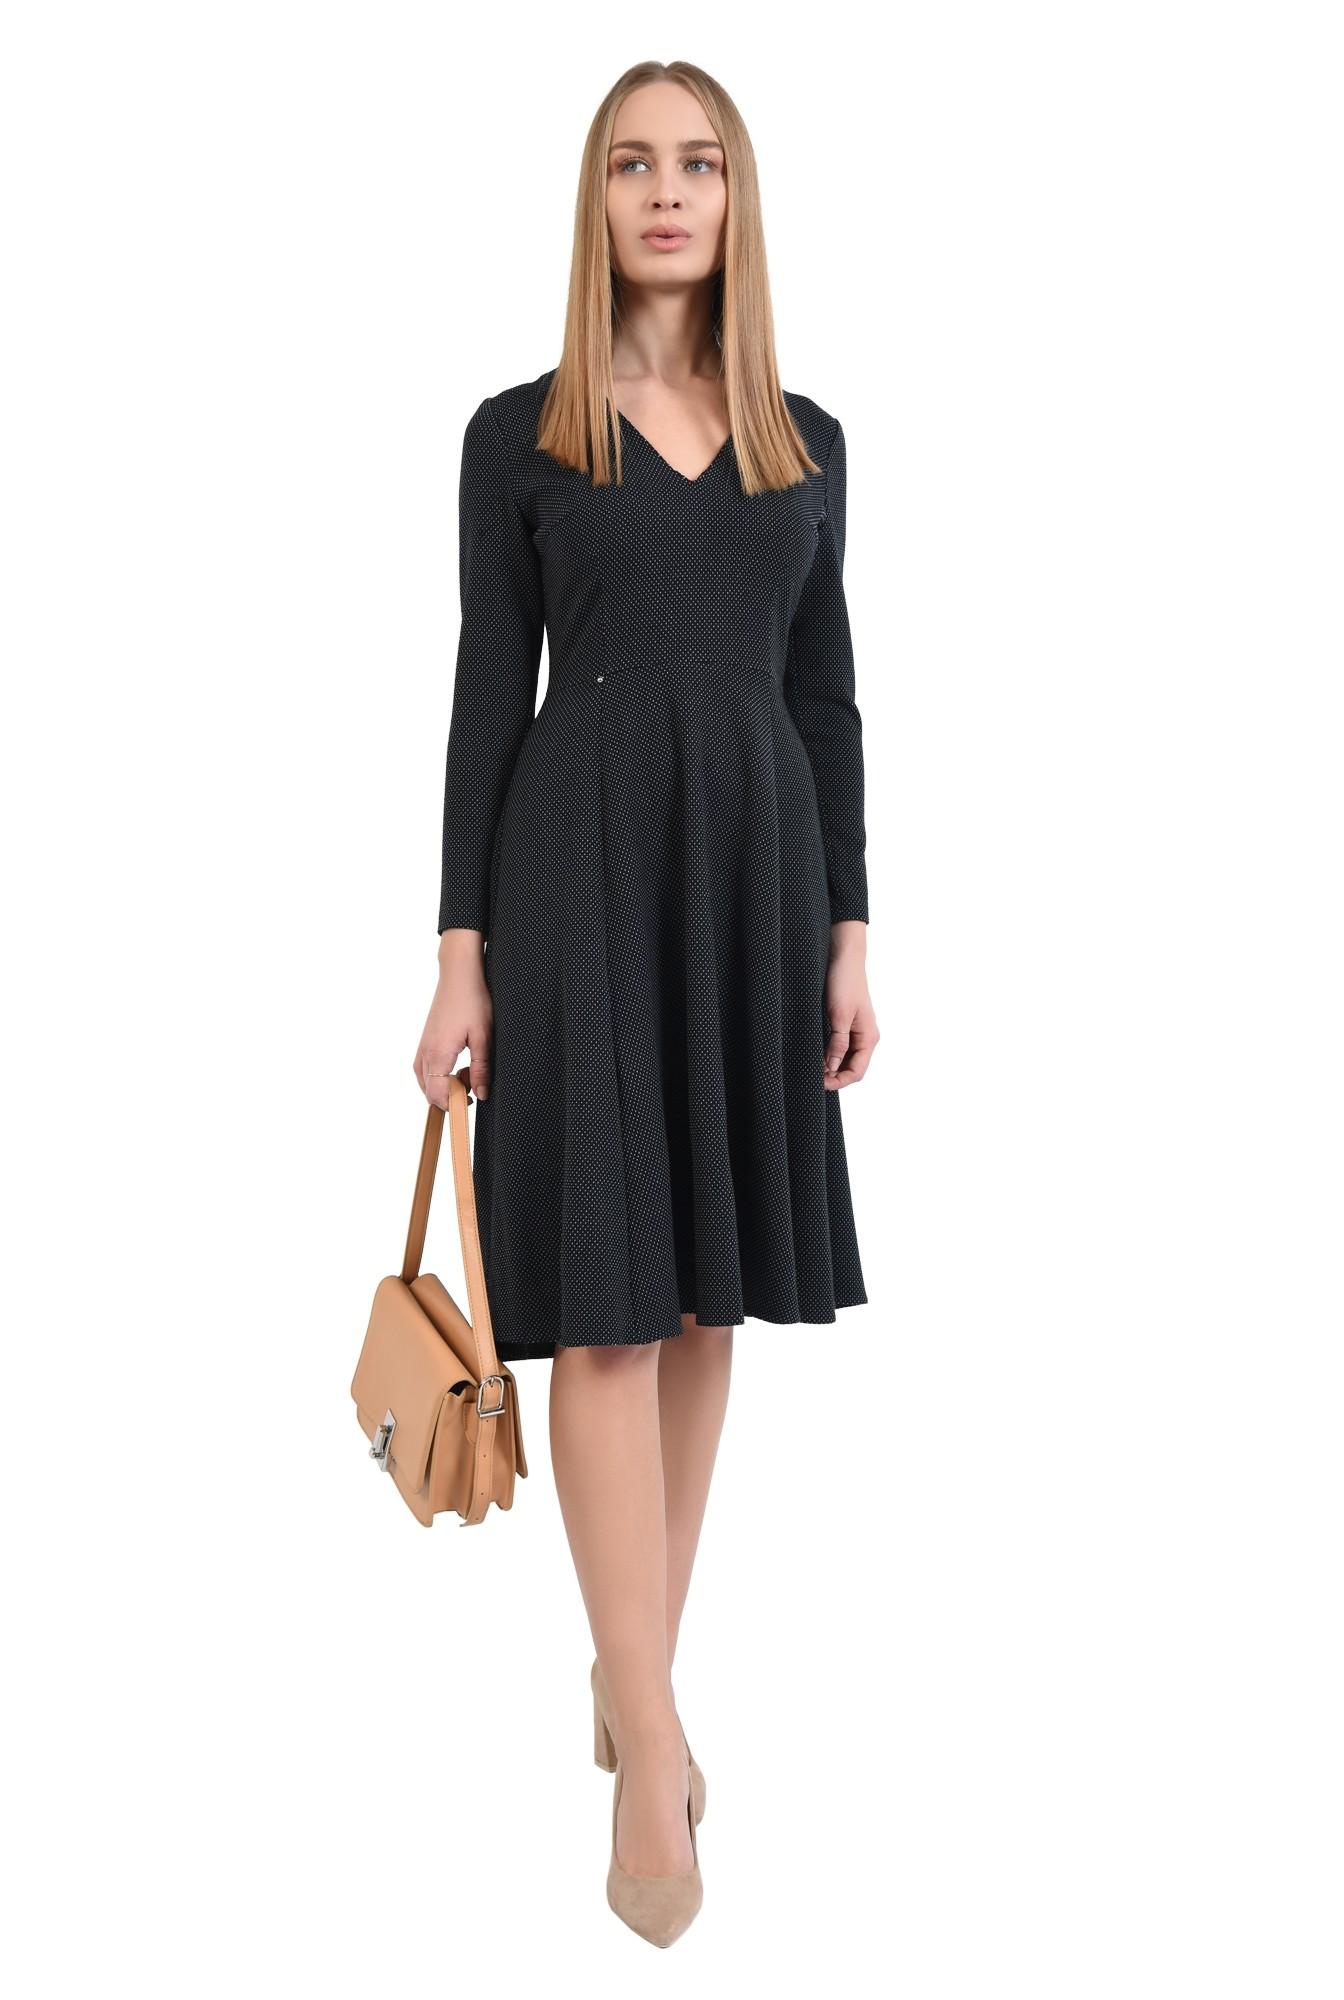 3 - 360 - rochie neagra cu picouri albe, evazata, midi, decolteu anchior